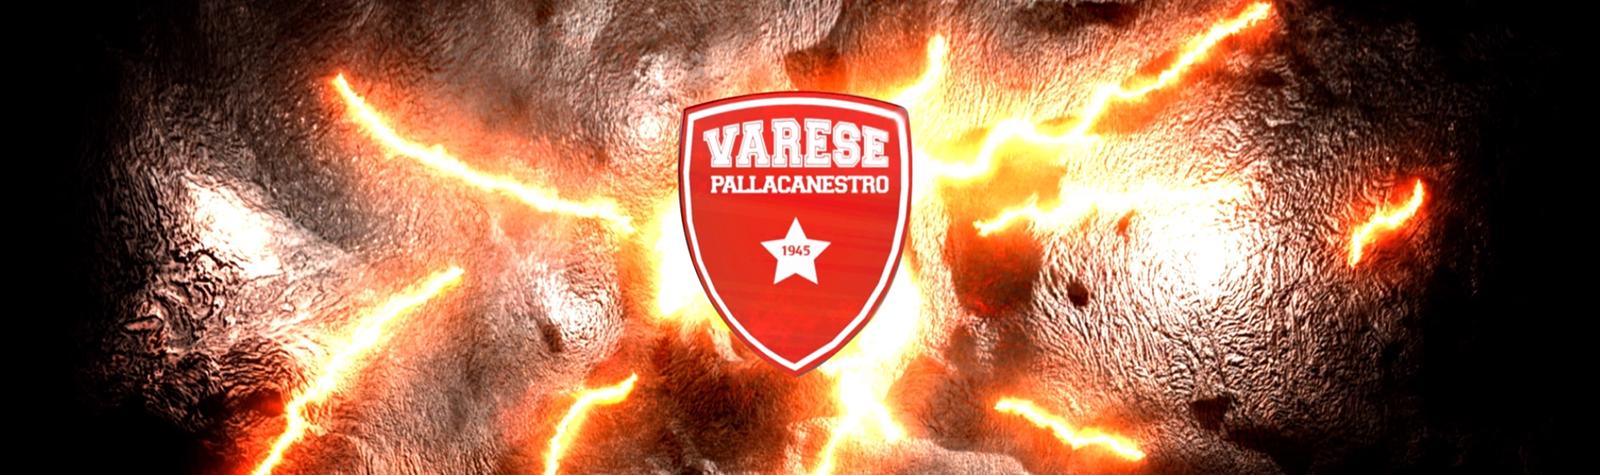 Videomapping Basket Varese